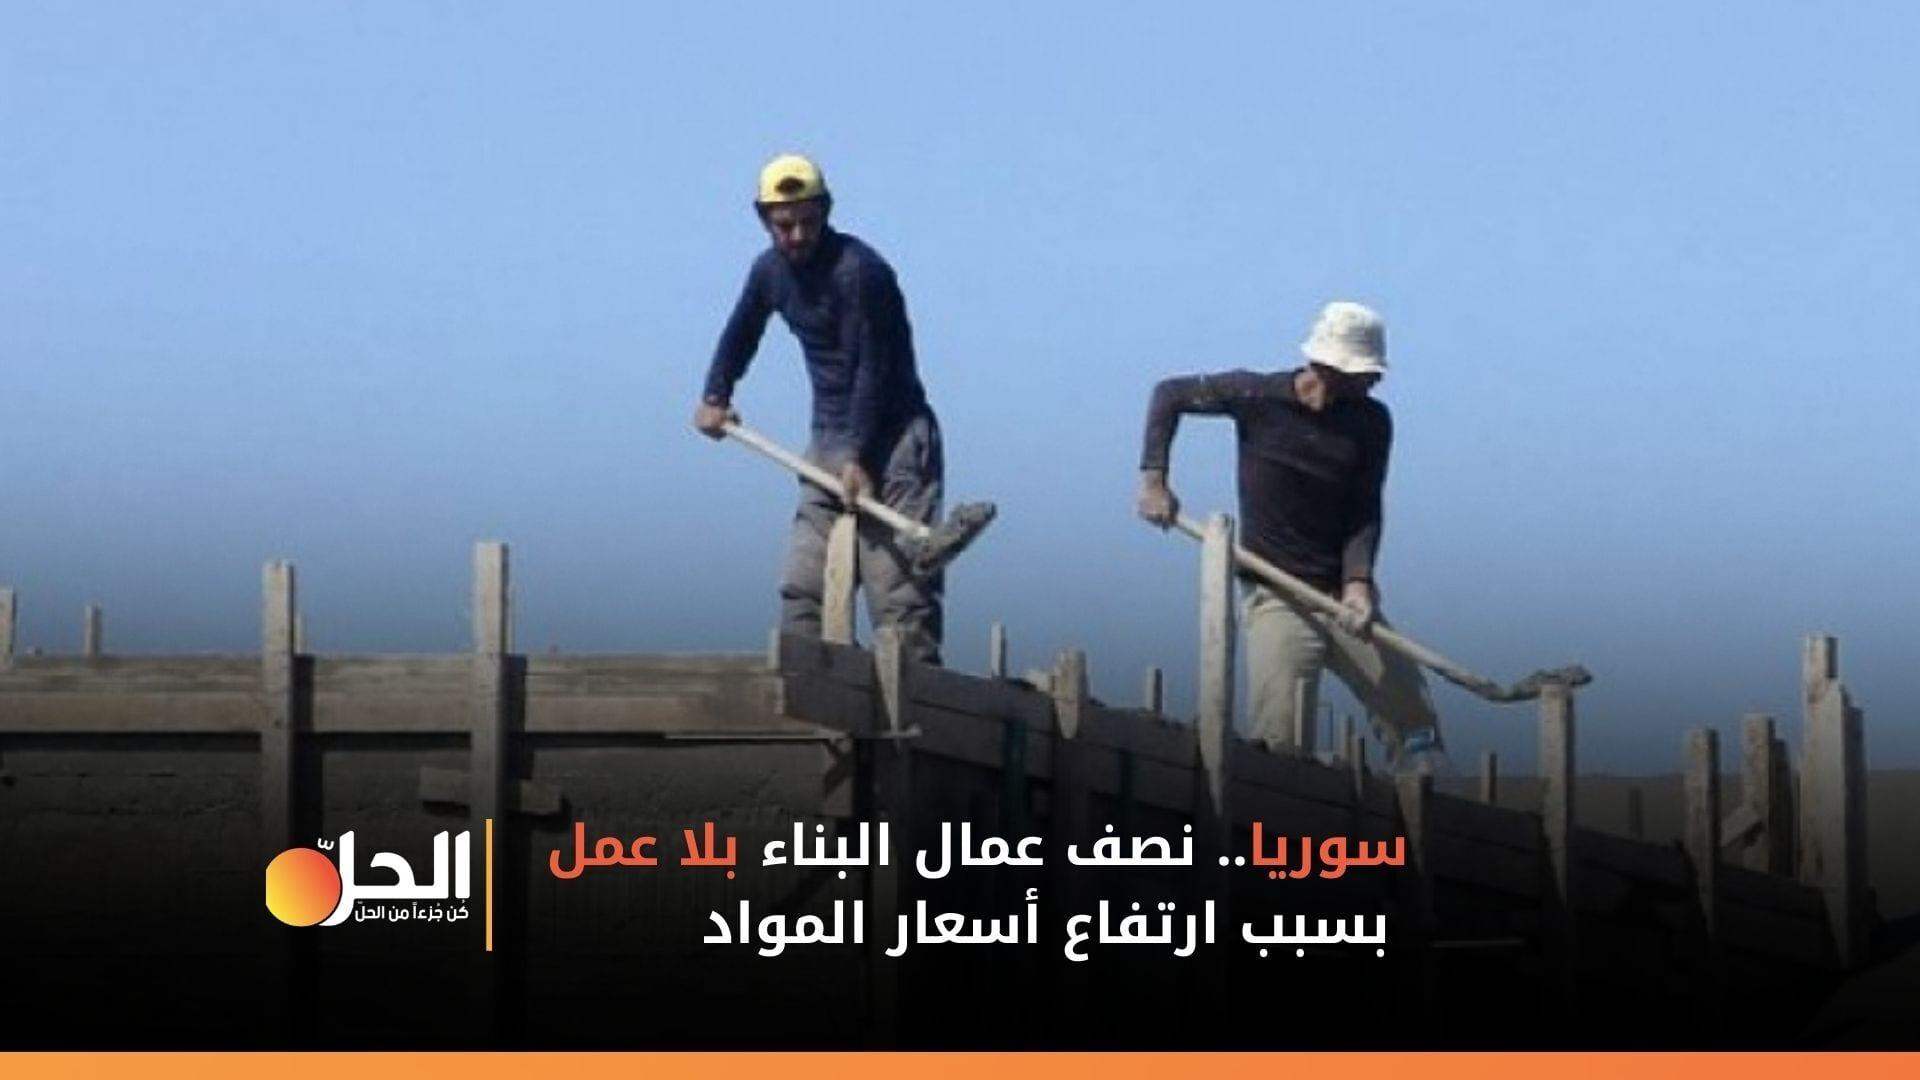 سوريا.. نصف عمال البناء بلا عمل بسبب ارتفاع أسعار المواد